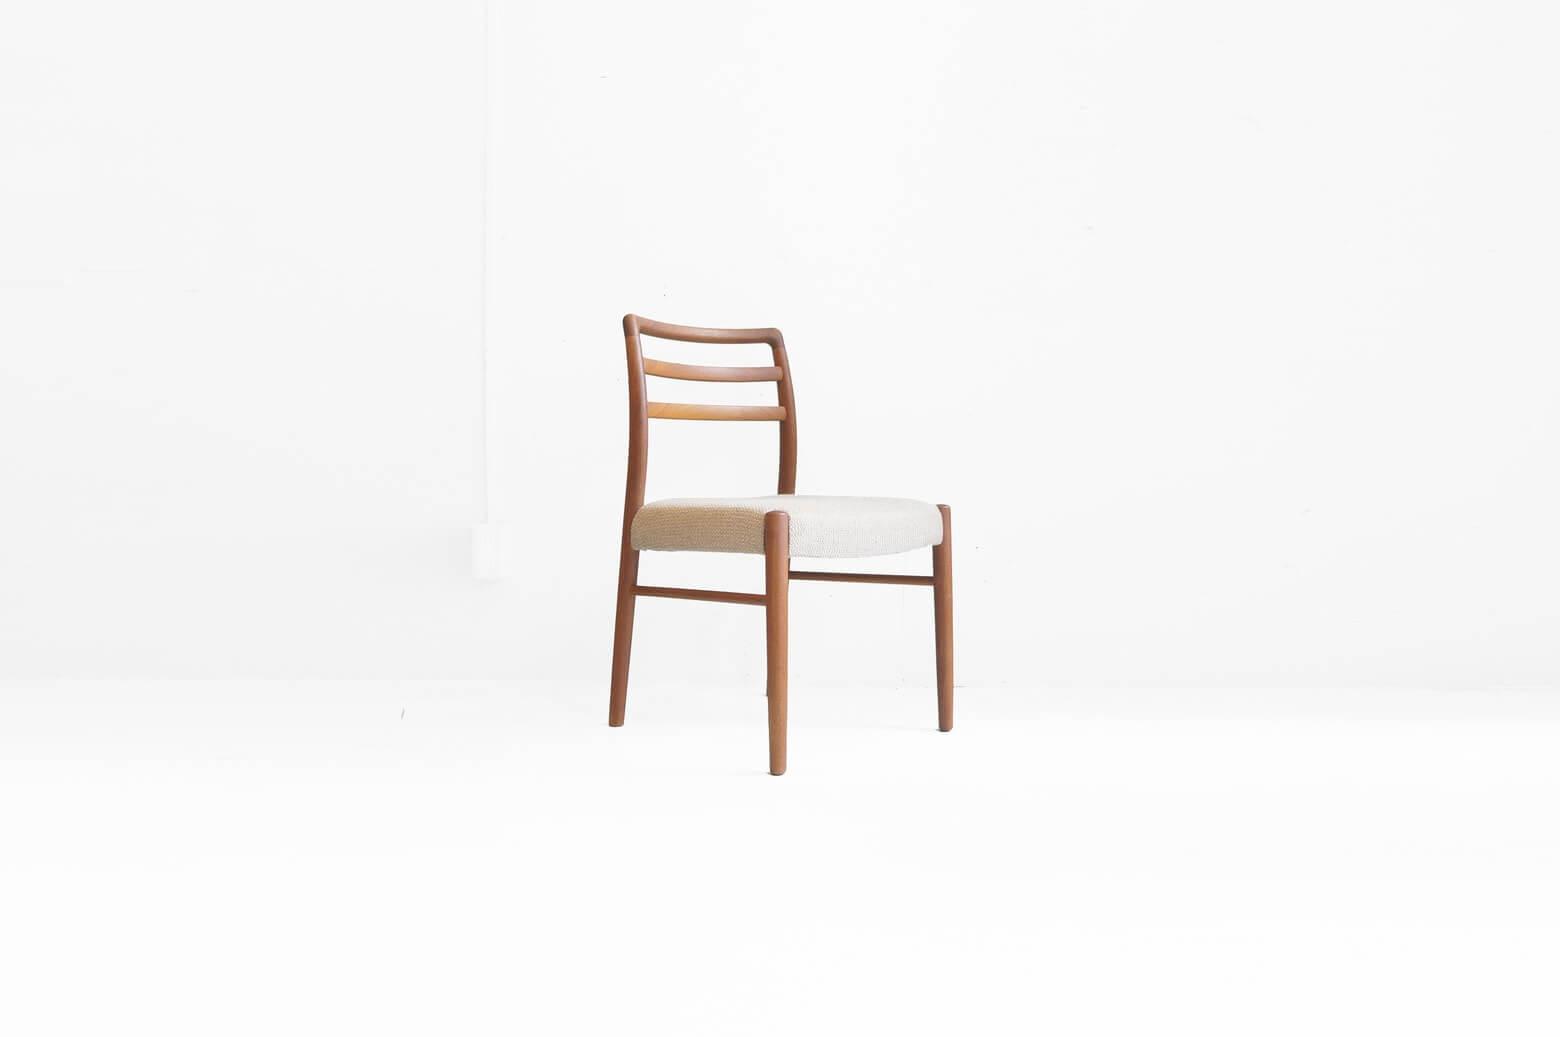 日田工芸や山品木工と並ぶ、日本が誇る家具メーカーの一つ、青林製作所。 1970〜80年代に百貨店の家具売り場で北欧家具と並び高級家具として販売されていました。 残念ながら三社とも現在は廃業してしまいましたが、卓越した職人さんの技術で作り上げられた家具は現在でもジャパンビンテージ家具として高い人気があります。 丁寧に丁寧に使う人のことを考えられて作られた家具は40年以上経ってもその風格は色褪せることがありません。 こちらのダイニングチェアもチーク材の木肌の滑らかな仕上げや背もたれや脚先の美しい丸みなど、細部にまで職人さんのこだわりが感じられます。 脚にヒビの補修跡がございますが使用には問題ありません。 その他、ヴィンテージ品のため、経年や使用に伴う細かなキズやスレ、小さな打痕などがございます。 また、ファブリック座面に毛羽立ちがございます。 素晴らしい職人さんの手により作られた家具だからこそ、チーク材の持つあたたかみがより一層感じられるのでは、と思います。 ぜひこの味わい深いチェアをご自宅に…♪ ~【東京都杉並区阿佐ヶ谷北アンティークショップ 古一】 古一/ふるいちでは出張無料買取も行っております。杉並区周辺はもちろん、世田谷区・目黒区・武蔵野市・新宿区等の東京近郊のお見積もりも!ビンテージ家具・インテリア雑貨・ランプ・USED品・ リサイクルなら古一/フルイチへ~